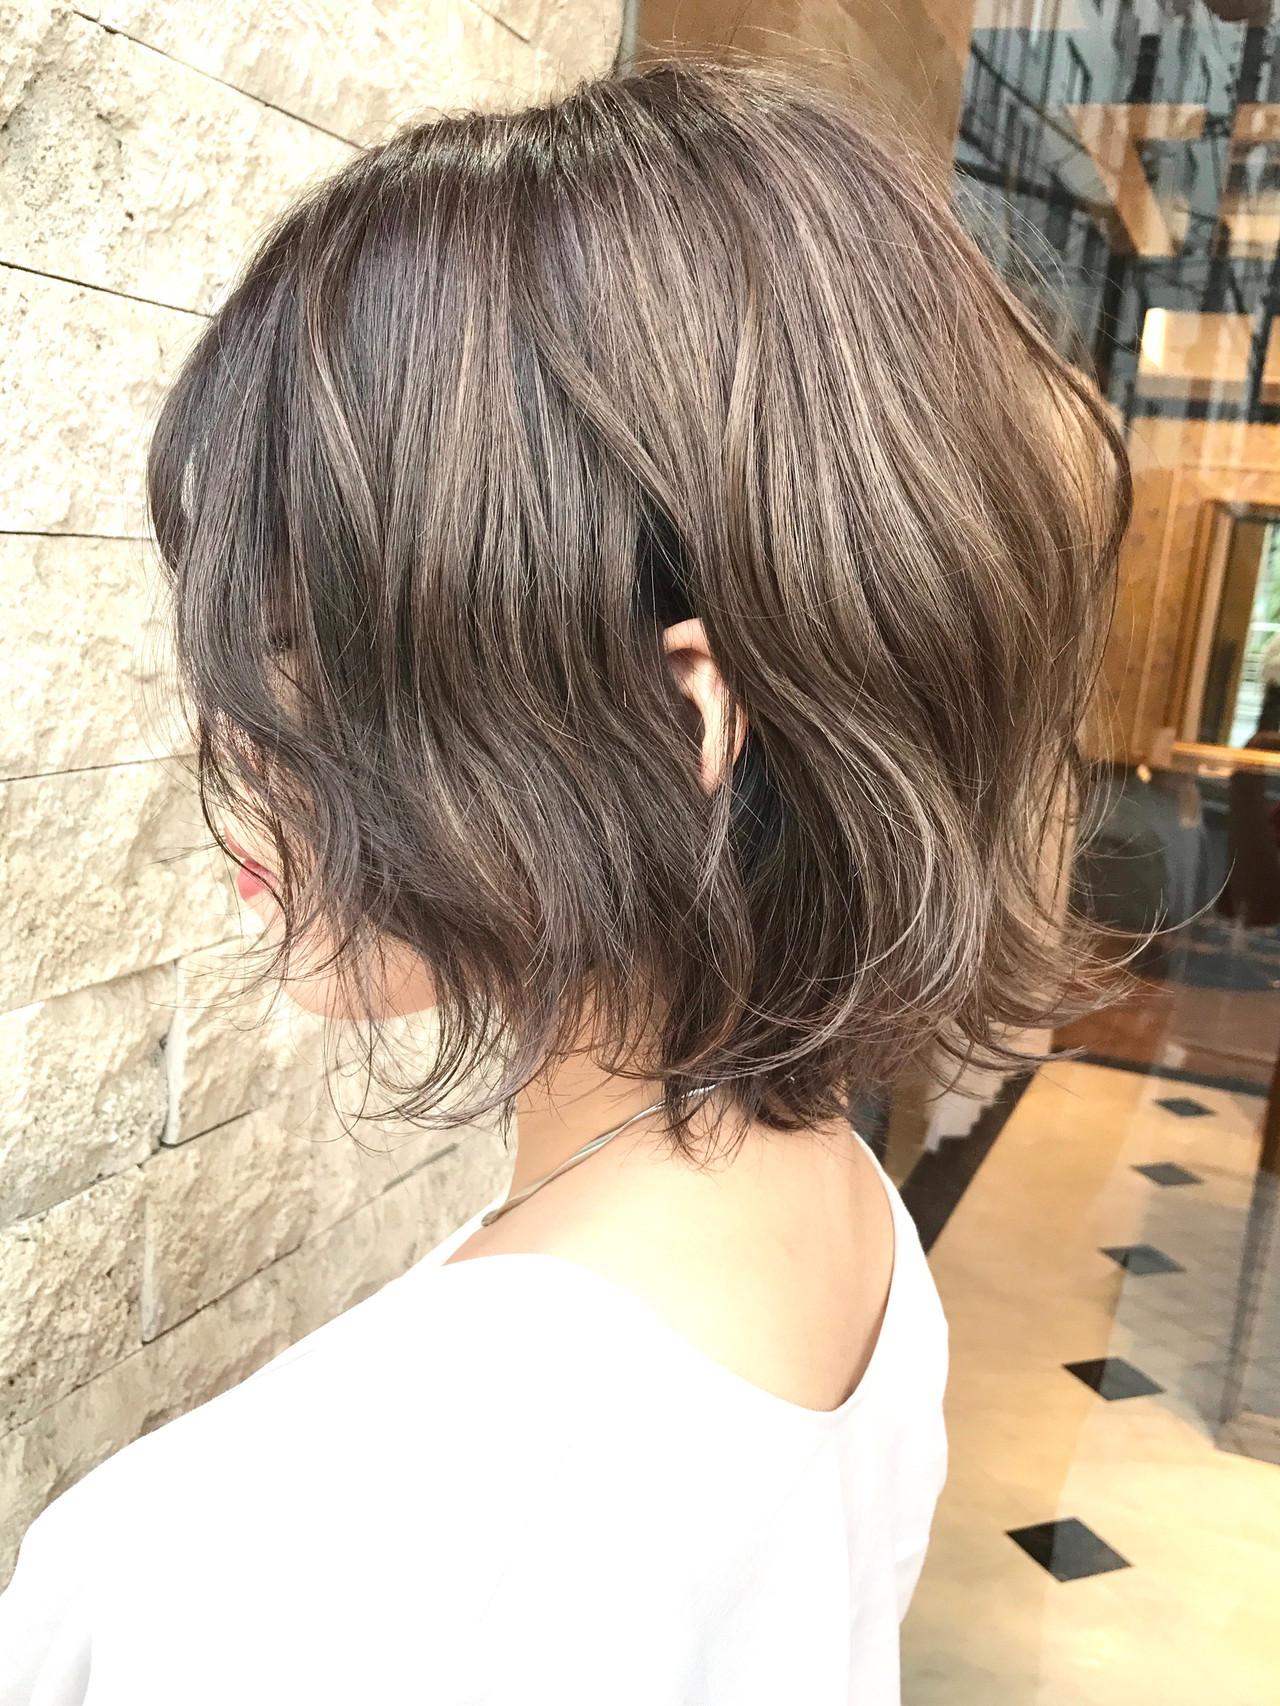 ハイライト ウルフカット ミニボブ ショートボブ ヘアスタイルや髪型の写真・画像